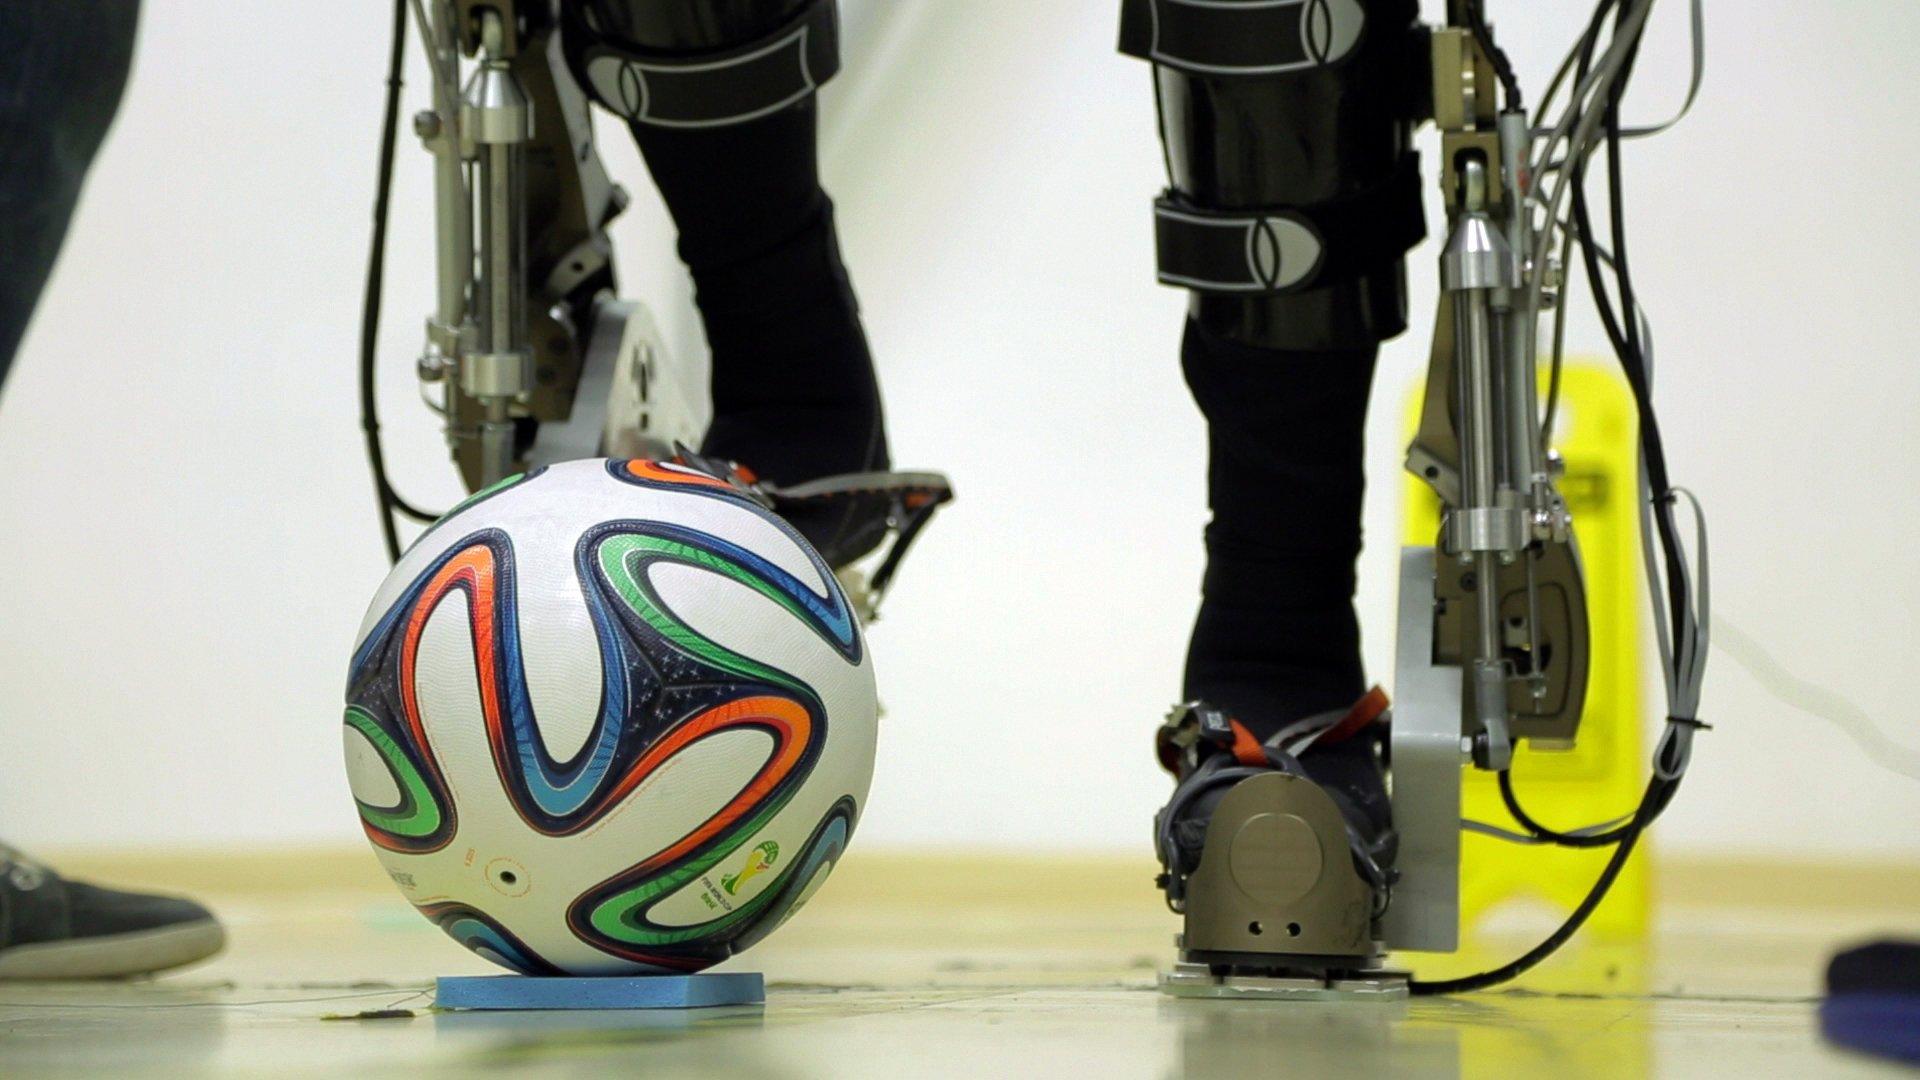 Eine Testperson kickt mit einem Spezial-Roboteranzug gegen den WM-Ball Brazuca. Der symbolische Anstoß zur Fußball-WM in São Paulo am 12. Juni 2014 war eine ganz besondere Premiere für einen brasilianischen Rollstuhlfahrer. Der querschnittgelähmte Patient schoss den Ball mit Hilfe eines Exoskeletts vom Spielfeldrand auf das Feld. Die Demonstration war Teil des internationalen Projektes Walk Again, an dem 156 Forscher, Ingenieure und Techniker unter Regie des brasilianischen Neurowissenschaftlers Miguel Nicolelis beteiligt sind.